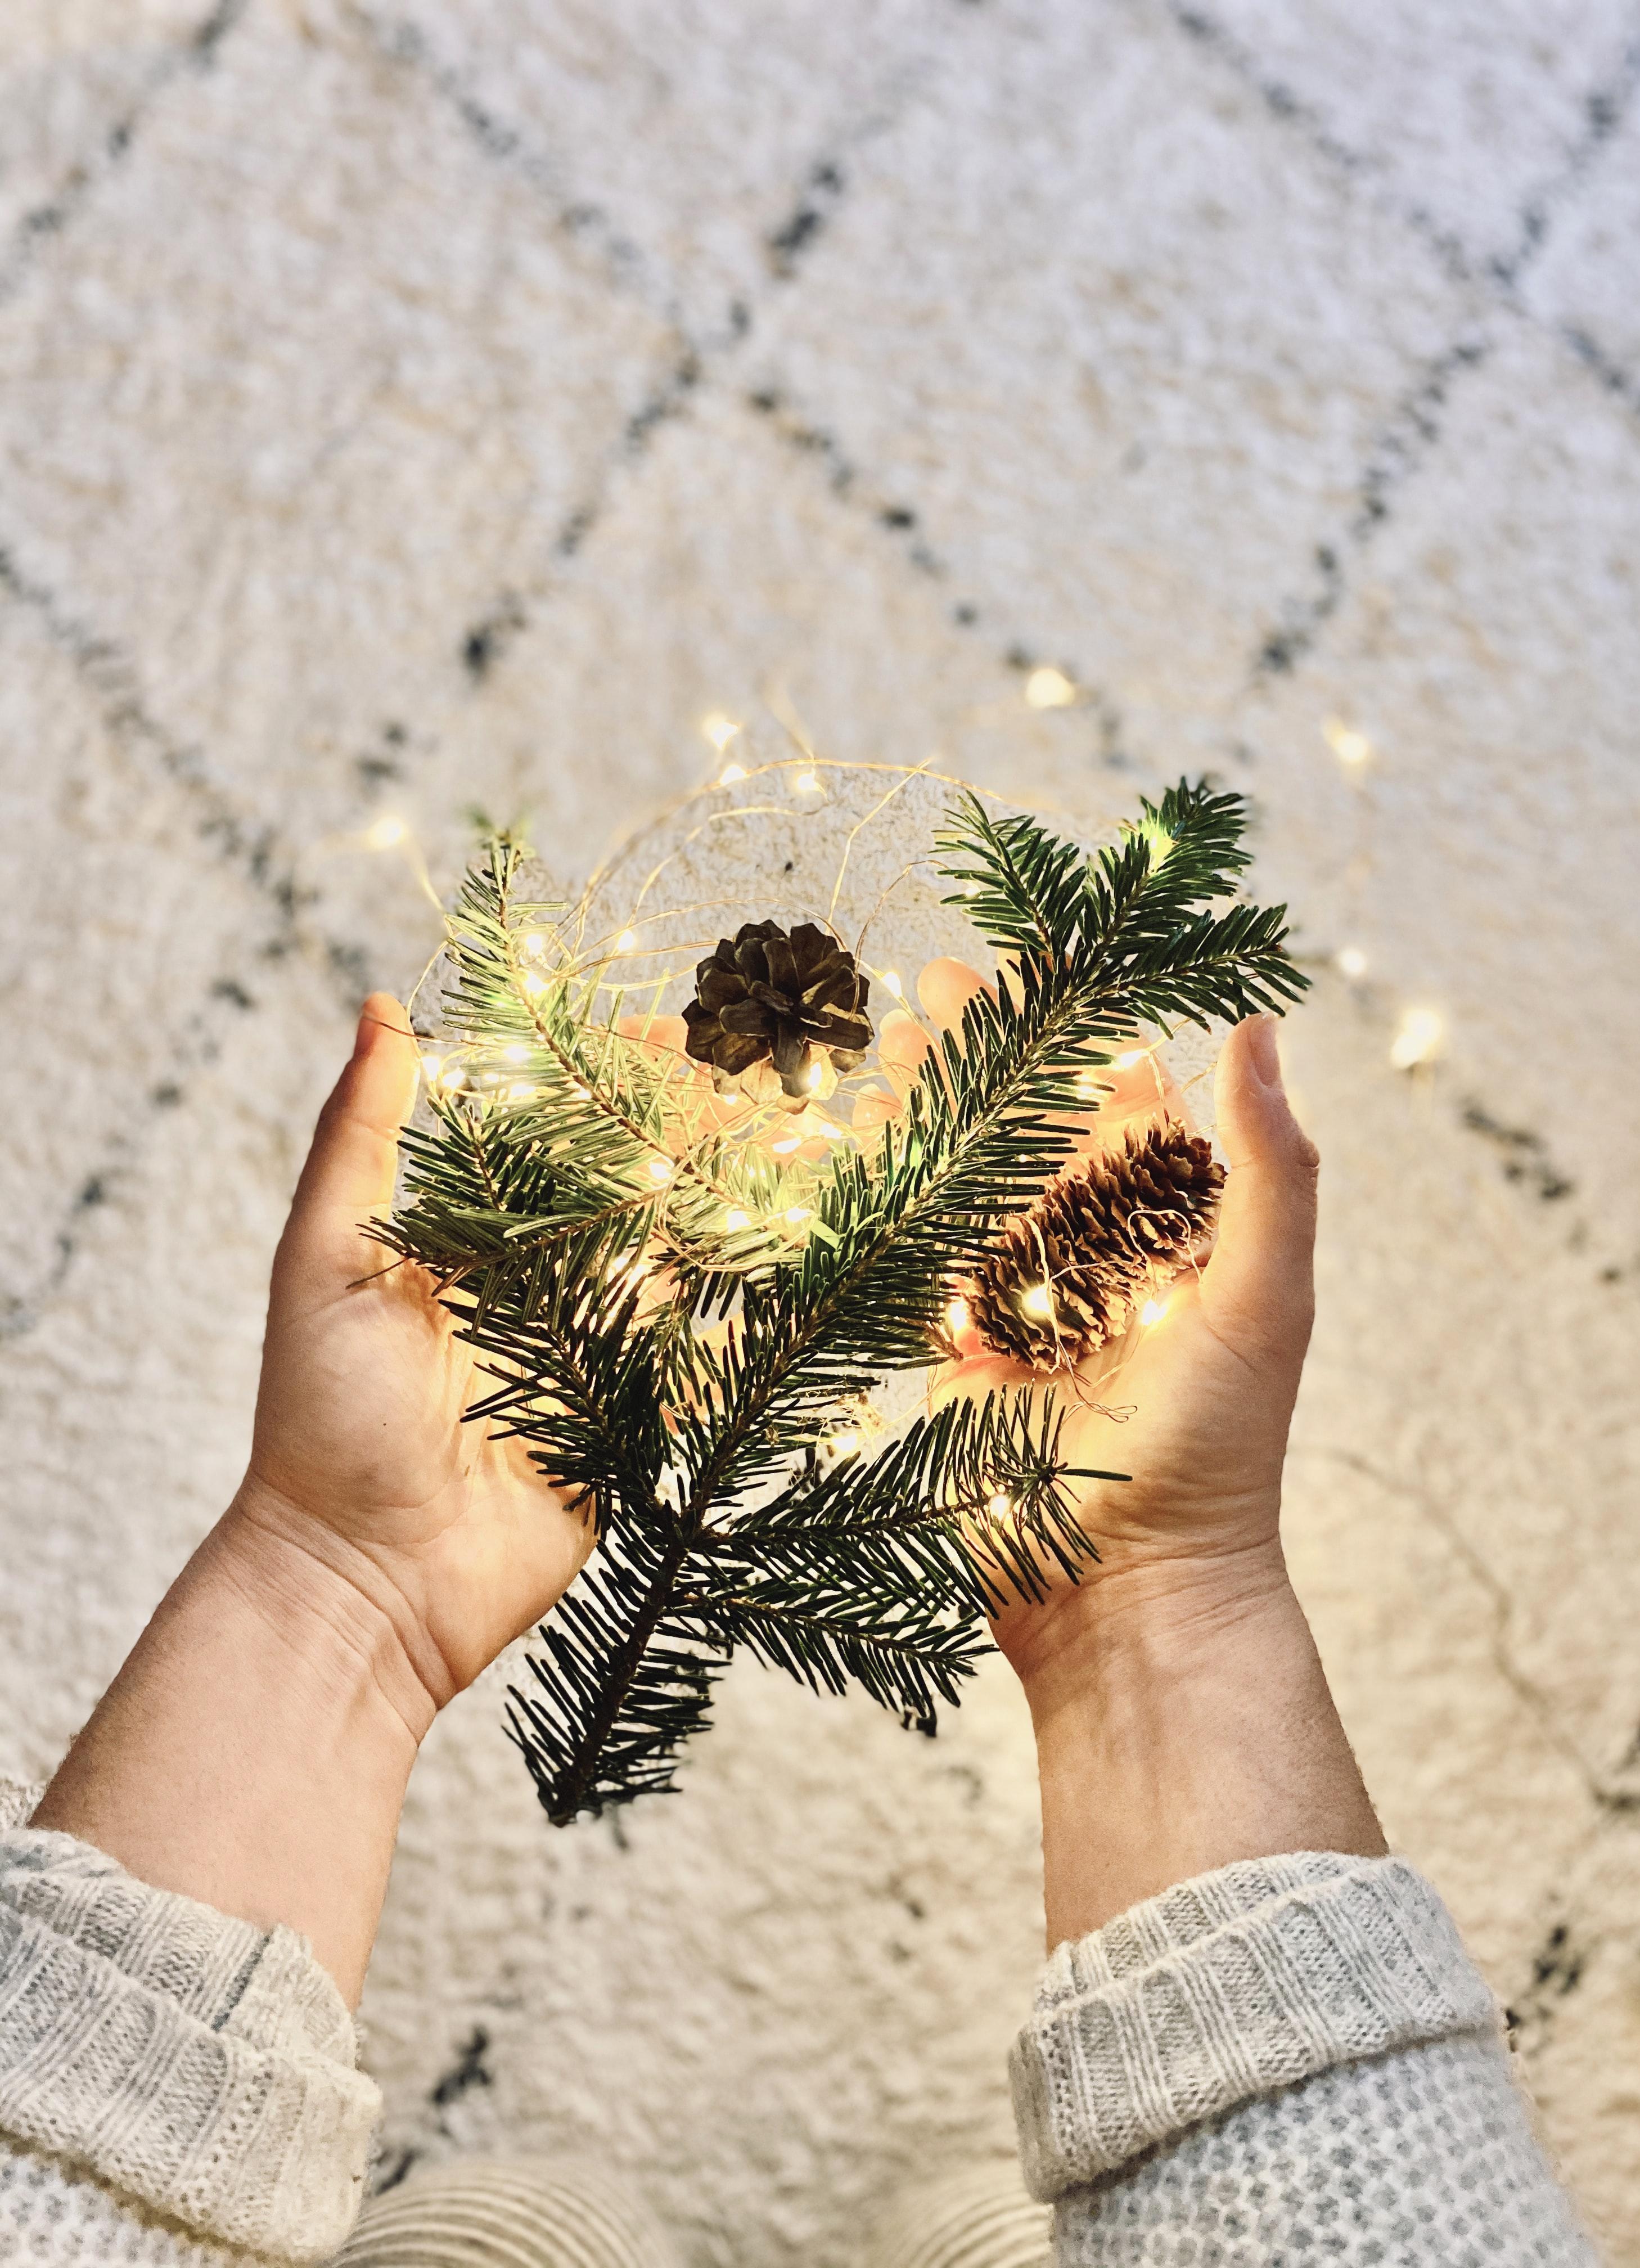 77369 скачать обои Праздники, Ветка, Гирлянда, Шишки, Руки, Праздник, Новый Год, Рождество - заставки и картинки бесплатно